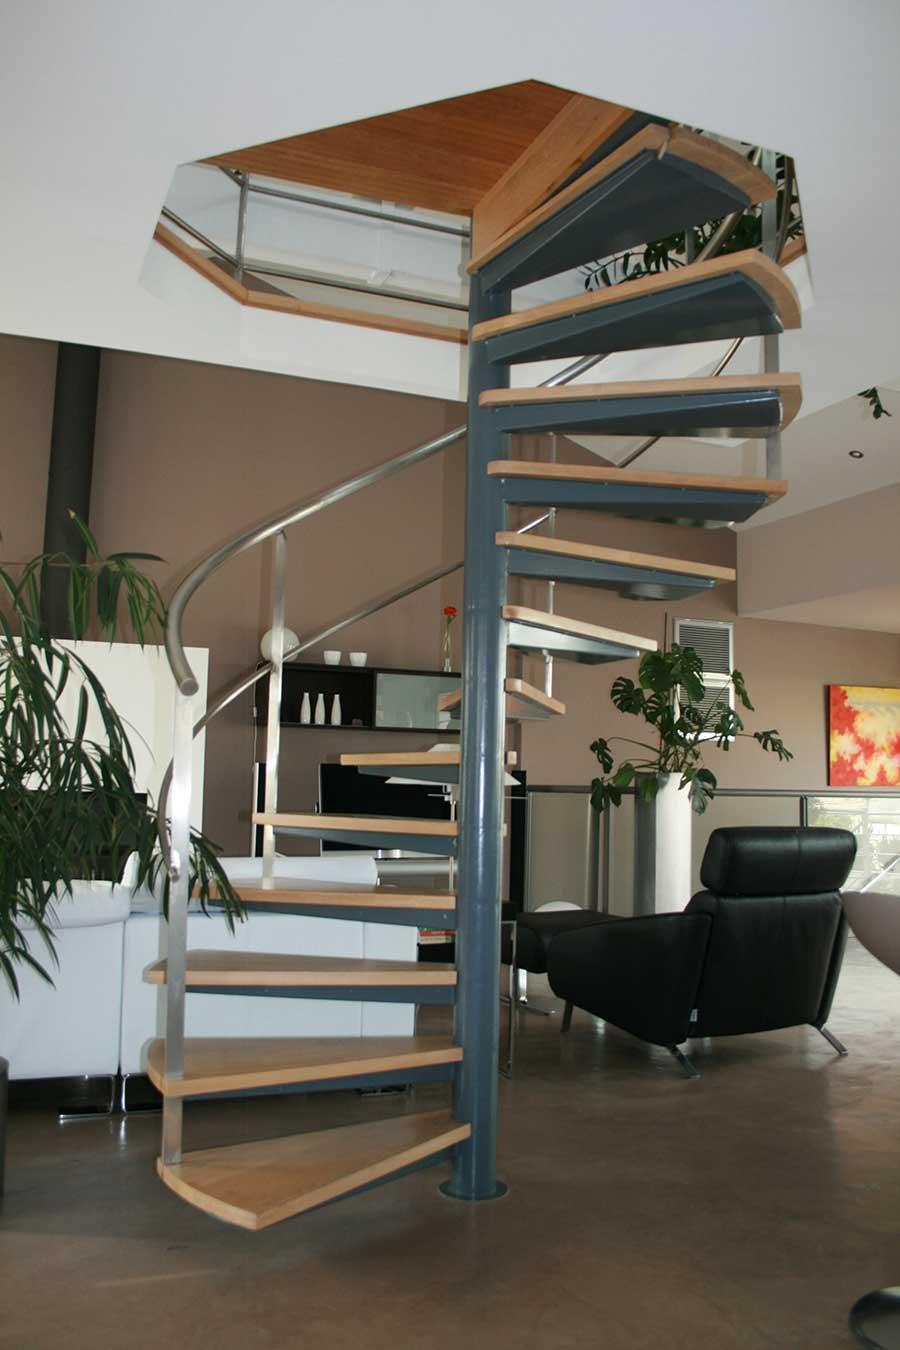 Escalier-helico-support-marche-caisson-marche-chenes-1